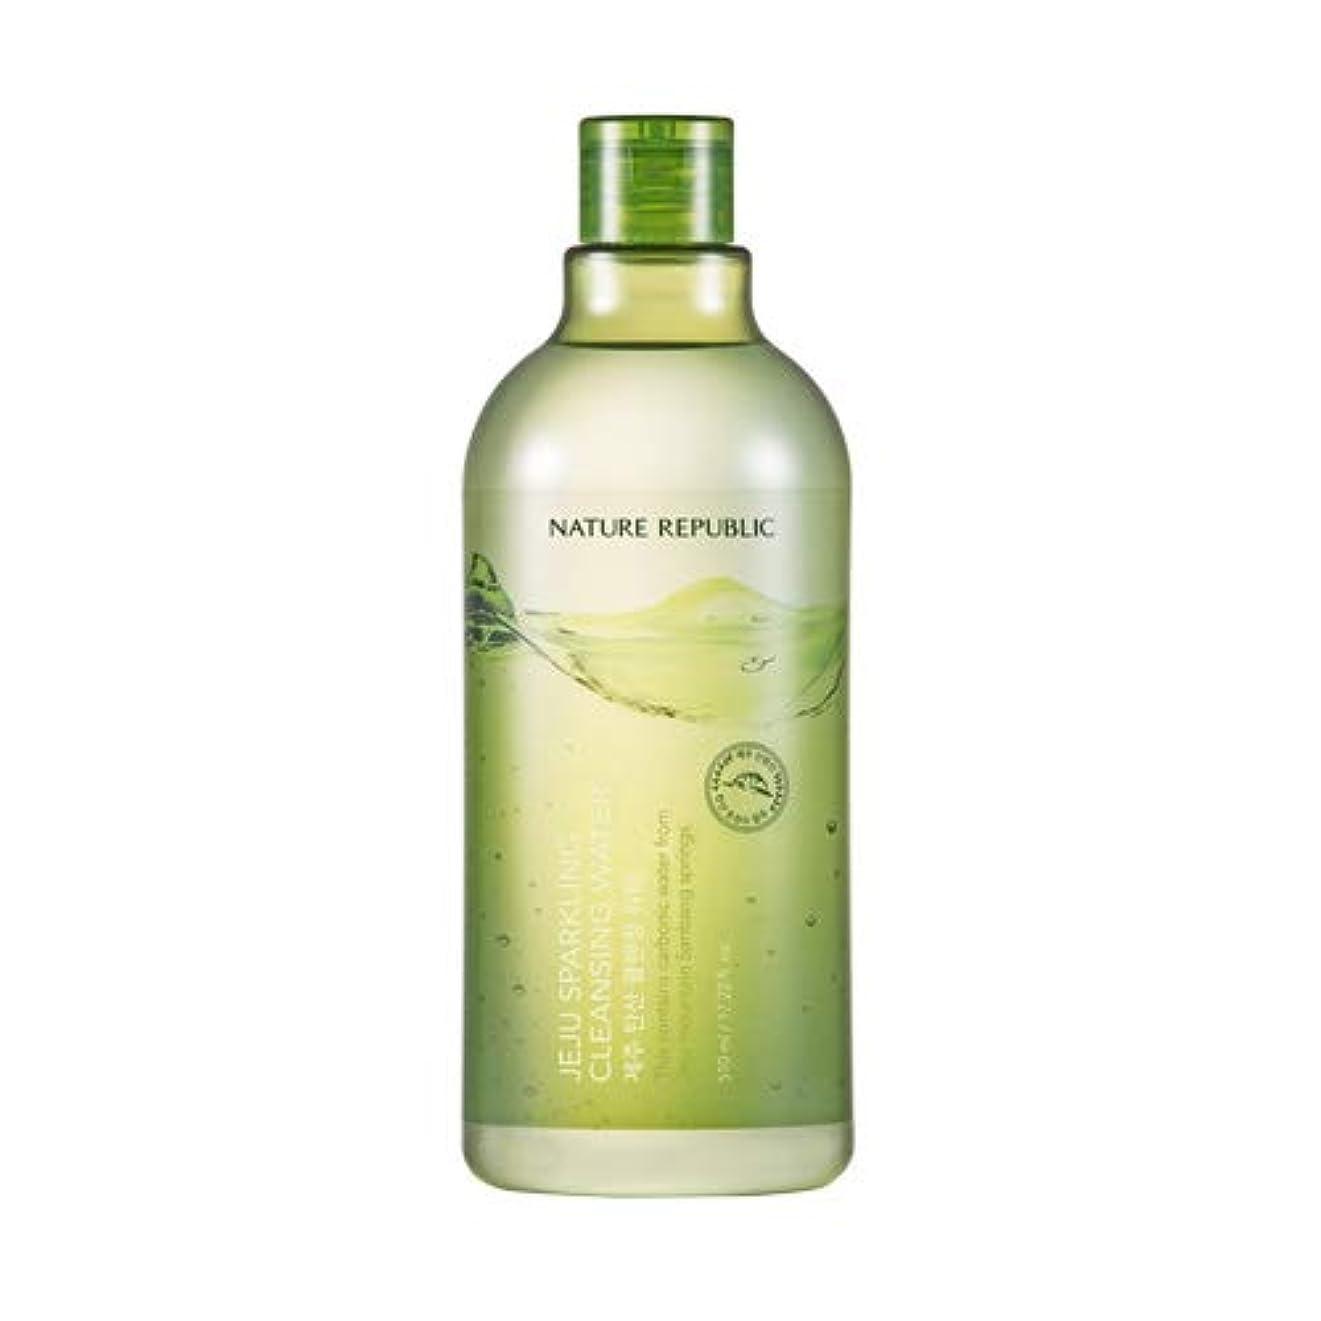 八子豚シートNature republic Jeju Sparkling(Carbonic) Cleansing Water ネイチャーリパブリック済州炭酸クレンジングウォーター 510ml [並行輸入品]